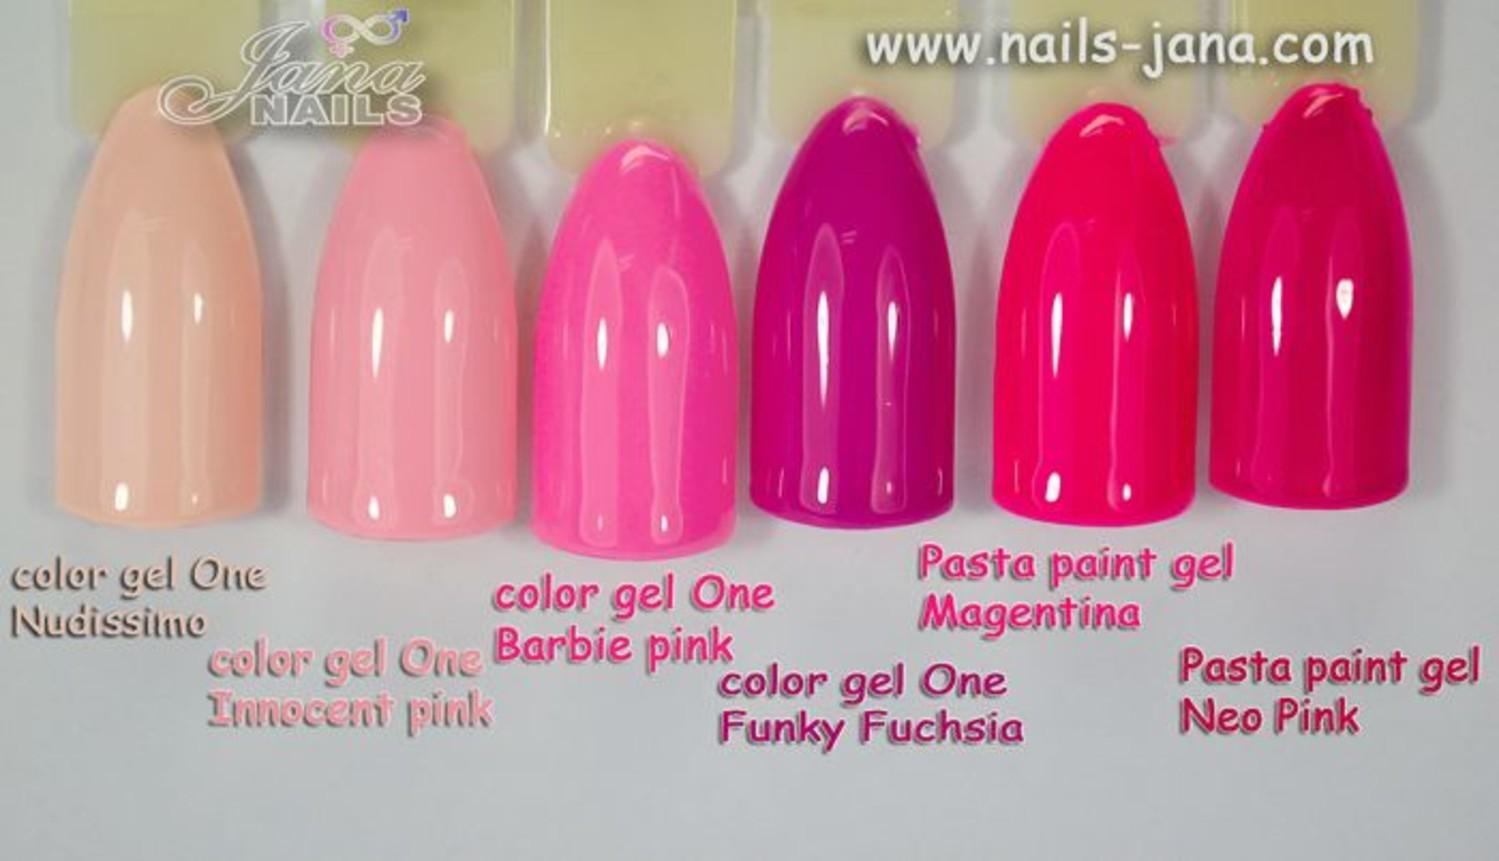 Genie in a bottle - Juicy - JN nails - Jana Nails